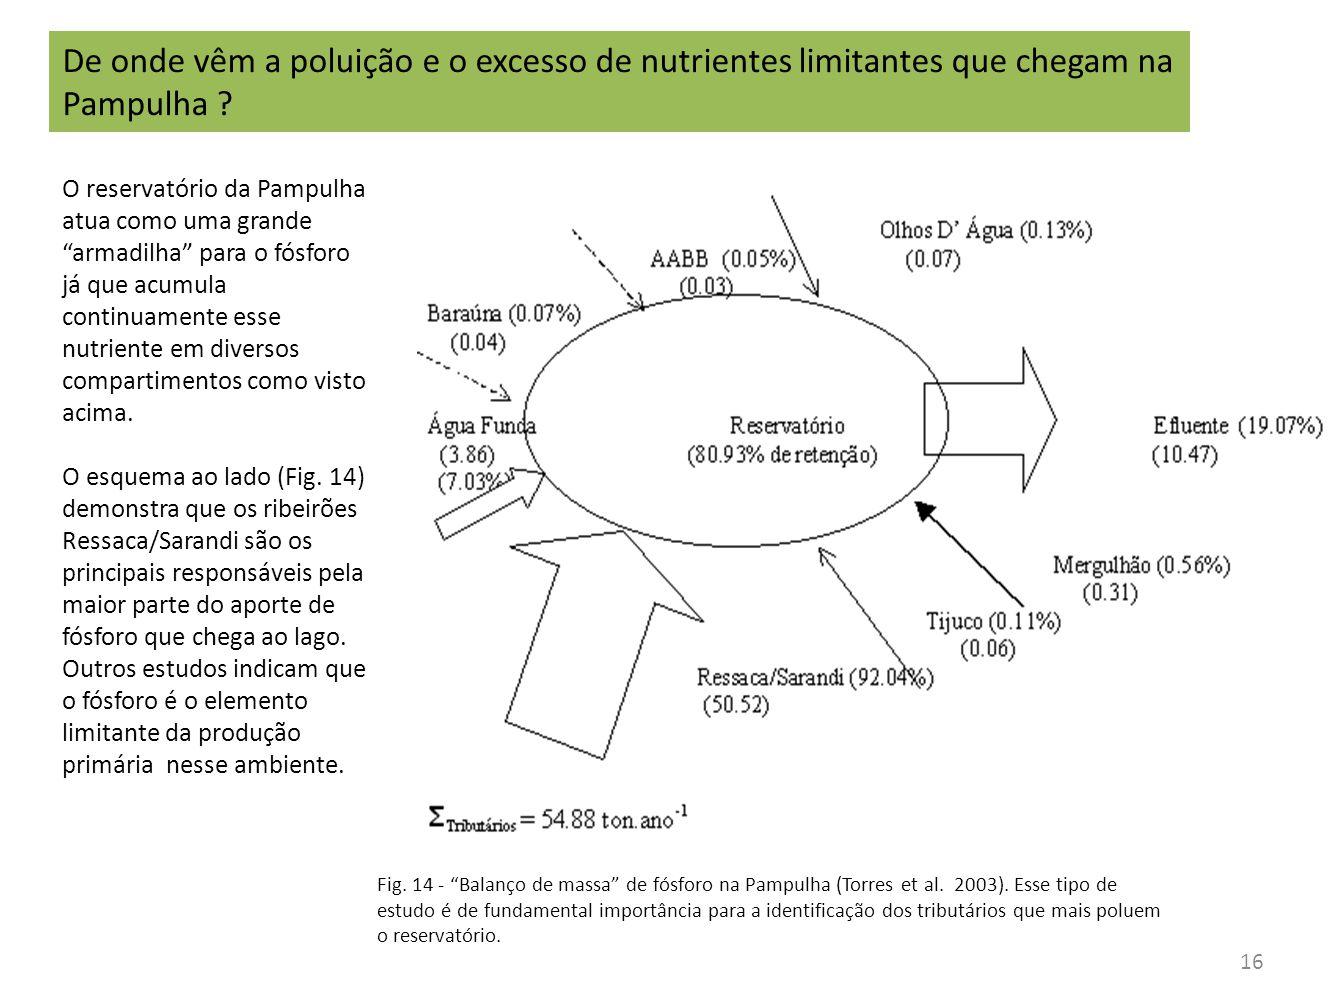 """Fig. 14 - """"Balanço de massa"""" de fósforo na Pampulha (Torres et al. 2003). Esse tipo de estudo é de fundamental importância para a identificação dos tr"""